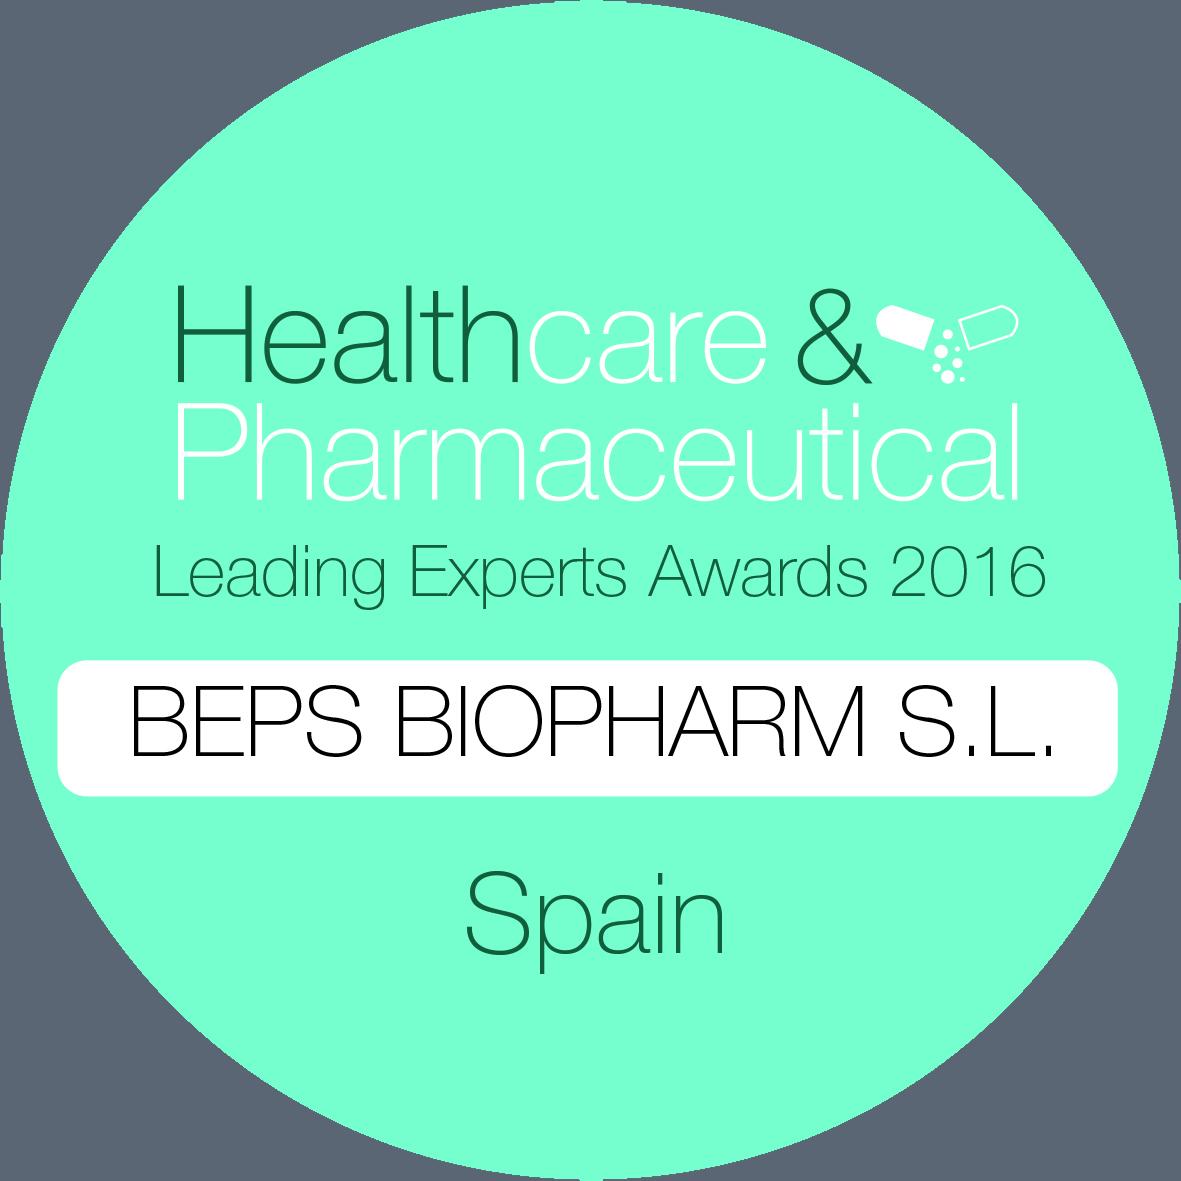 Leading Experts Awards 2016